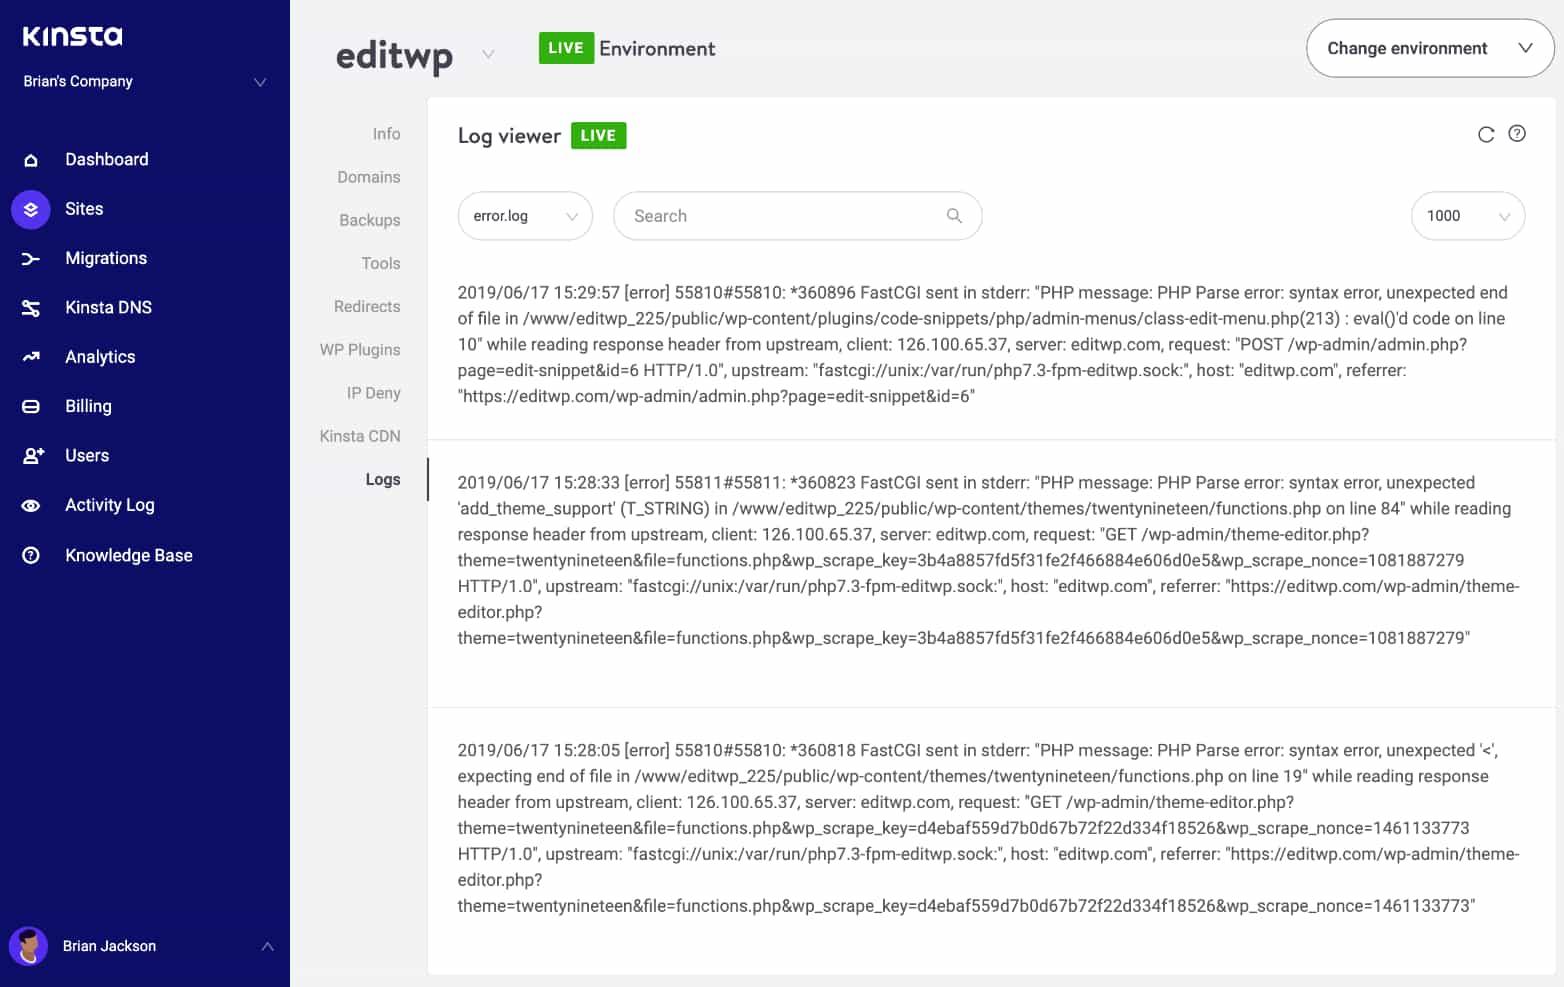 Kontroller fejllogfiler for 502 dårlige gatewayfejl